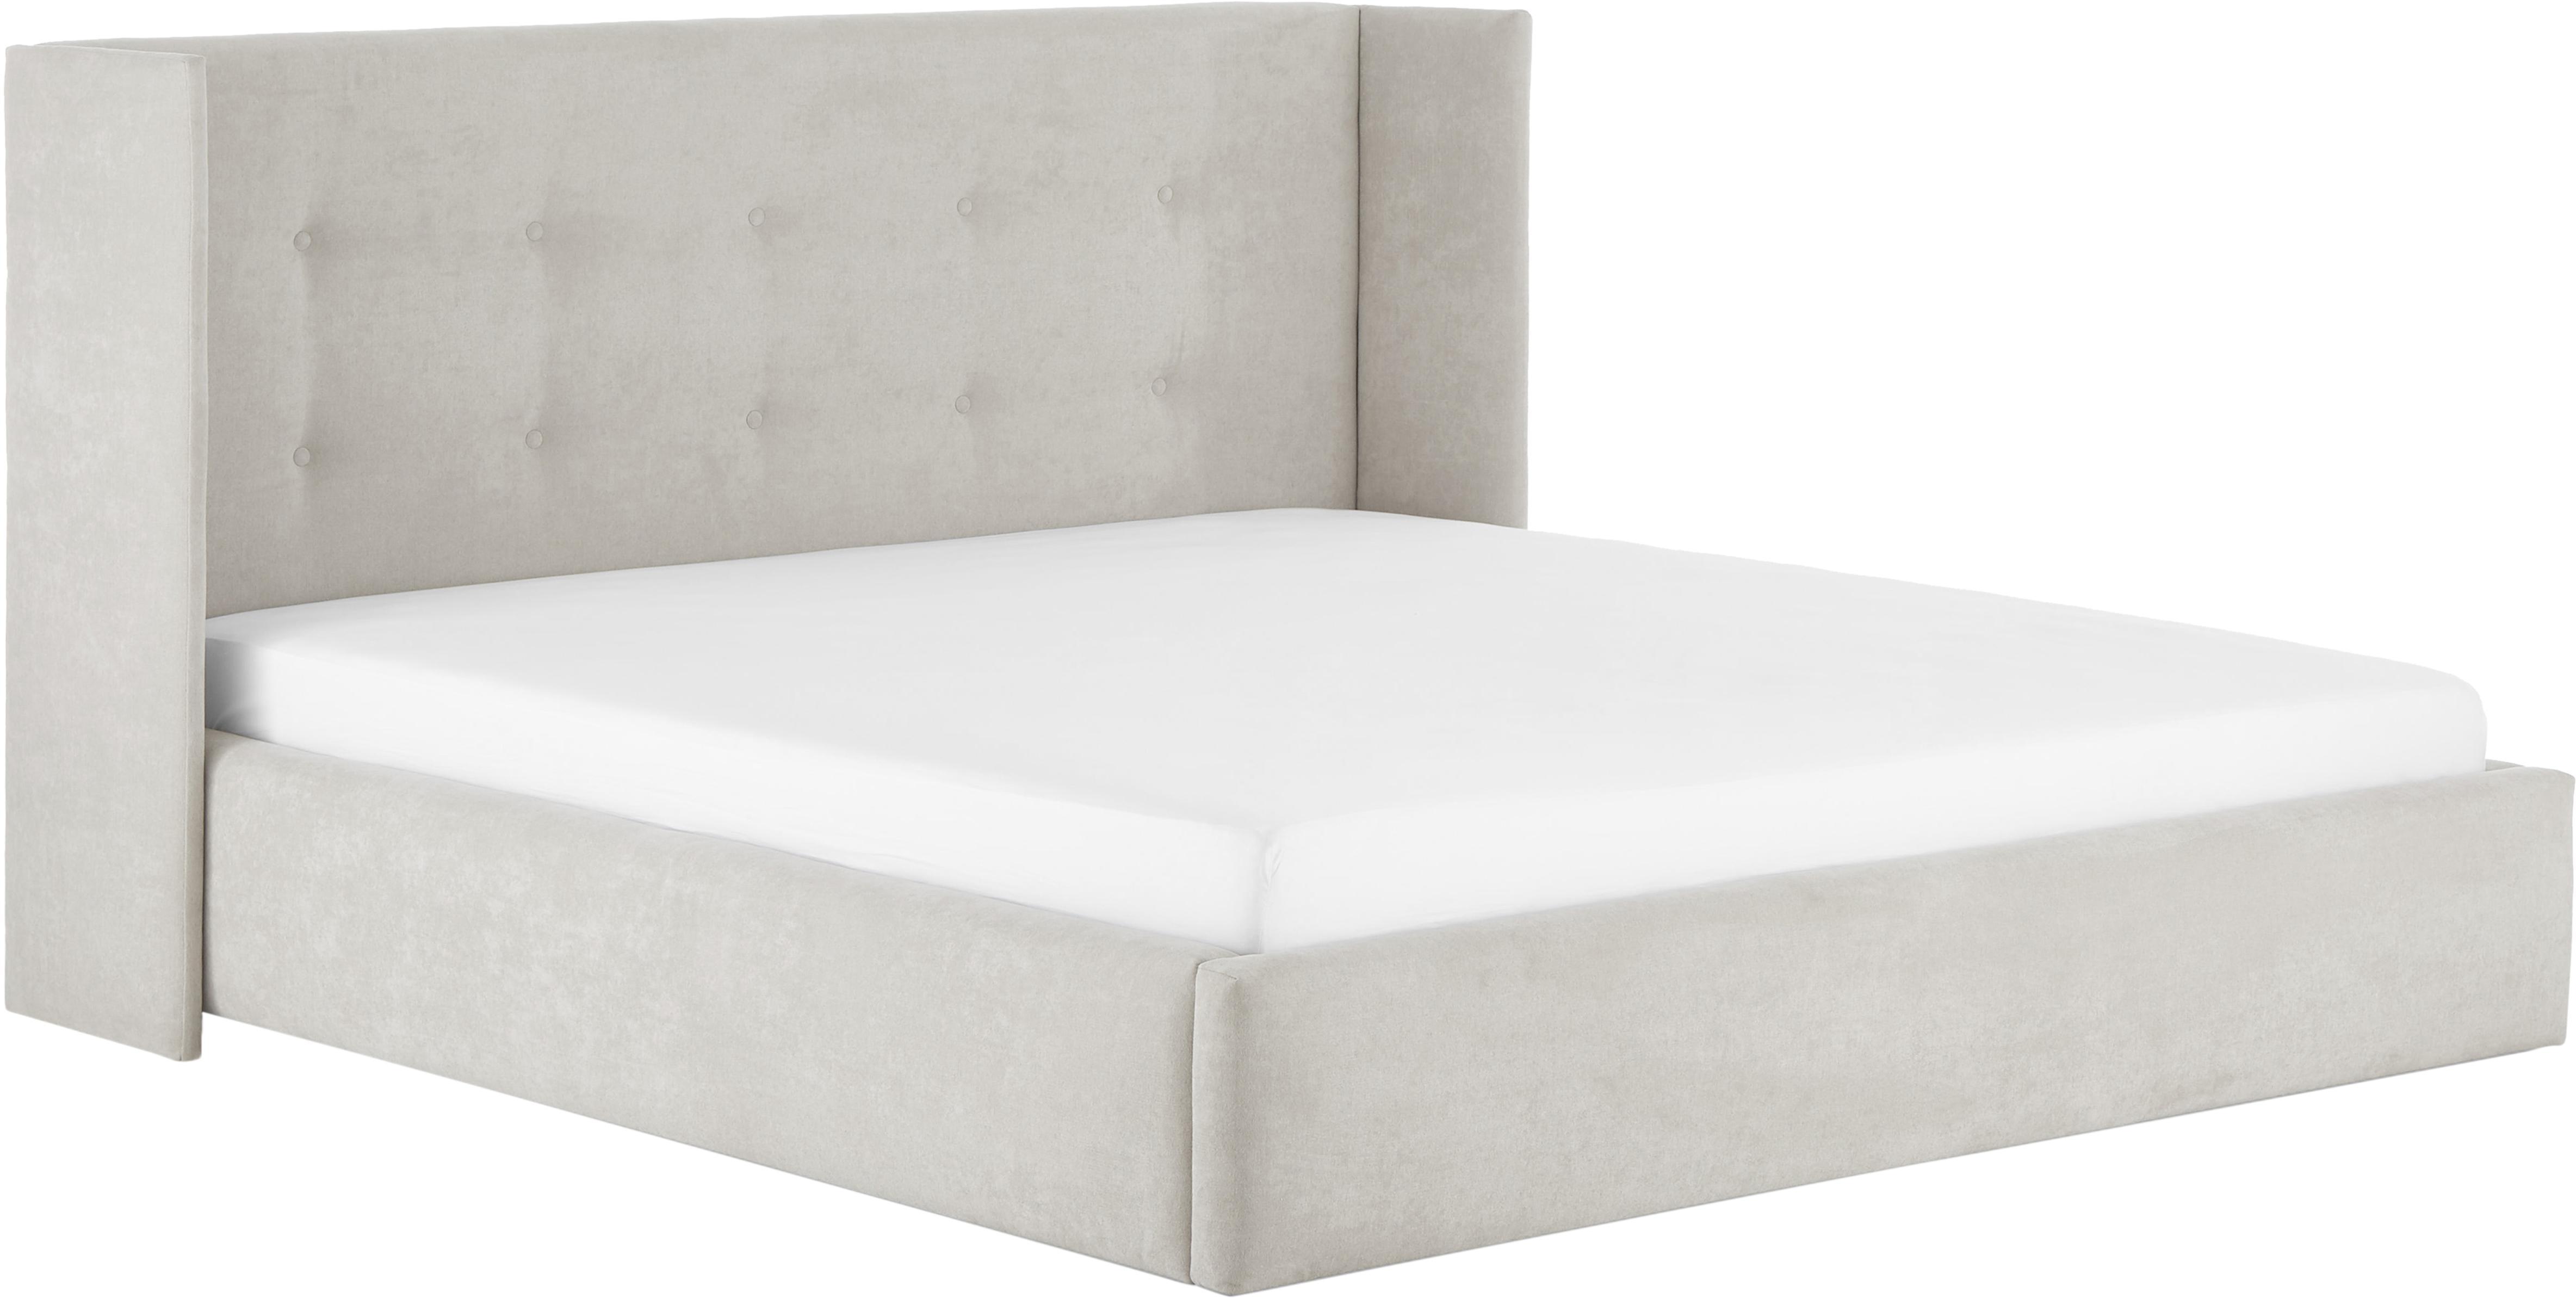 Gestoffeerd bed Star, Frame: massief grenenhout, Bekleding: polyester (structuurmater, Lichtgrijs, 140 x 200 cm